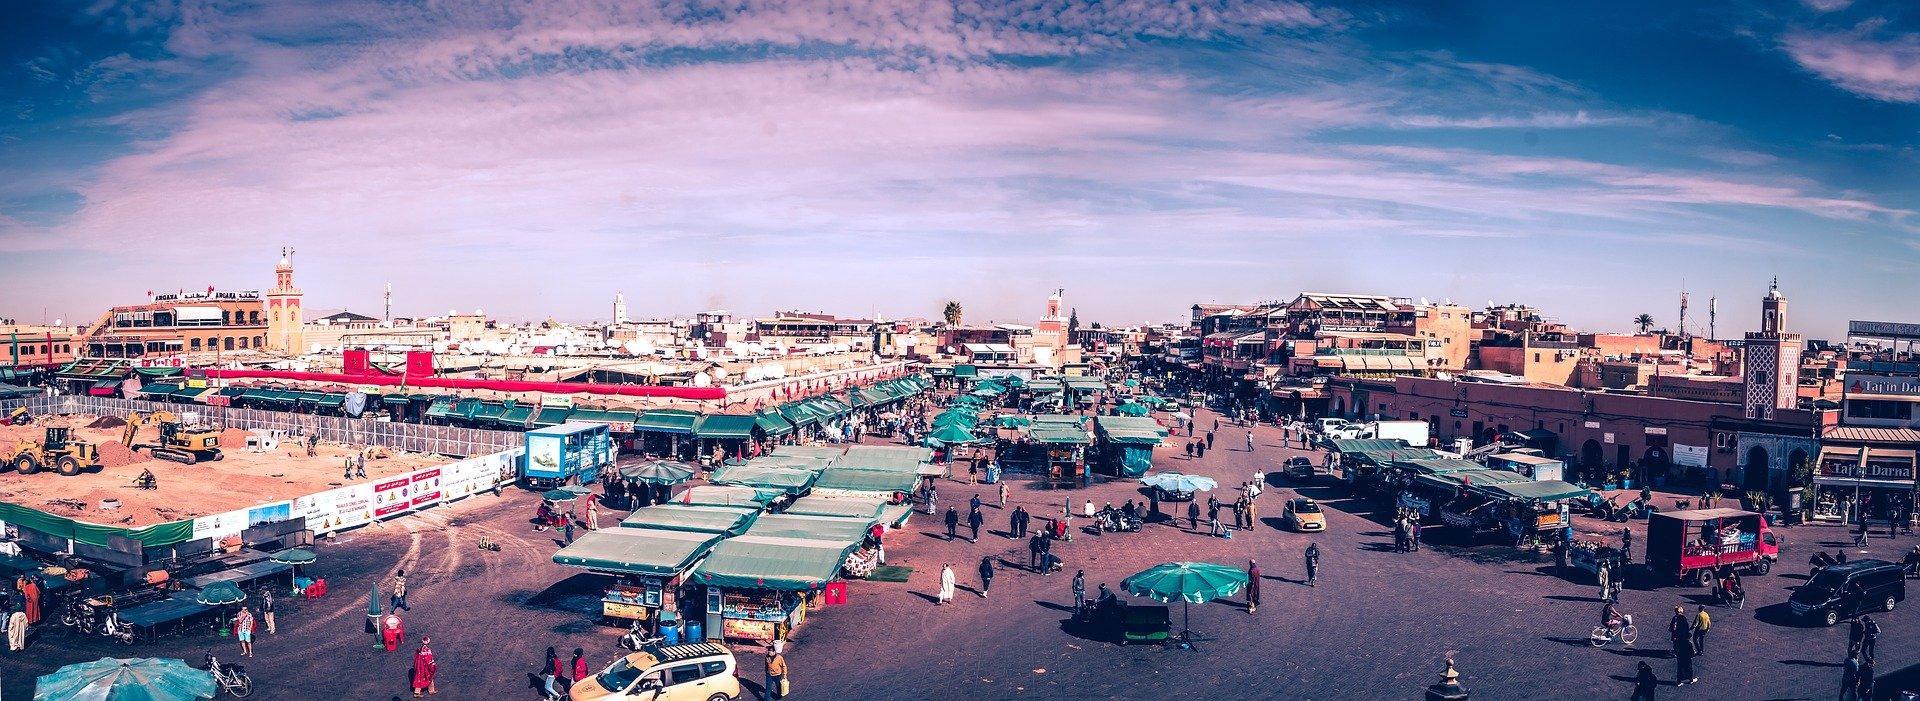 souk de marrakech